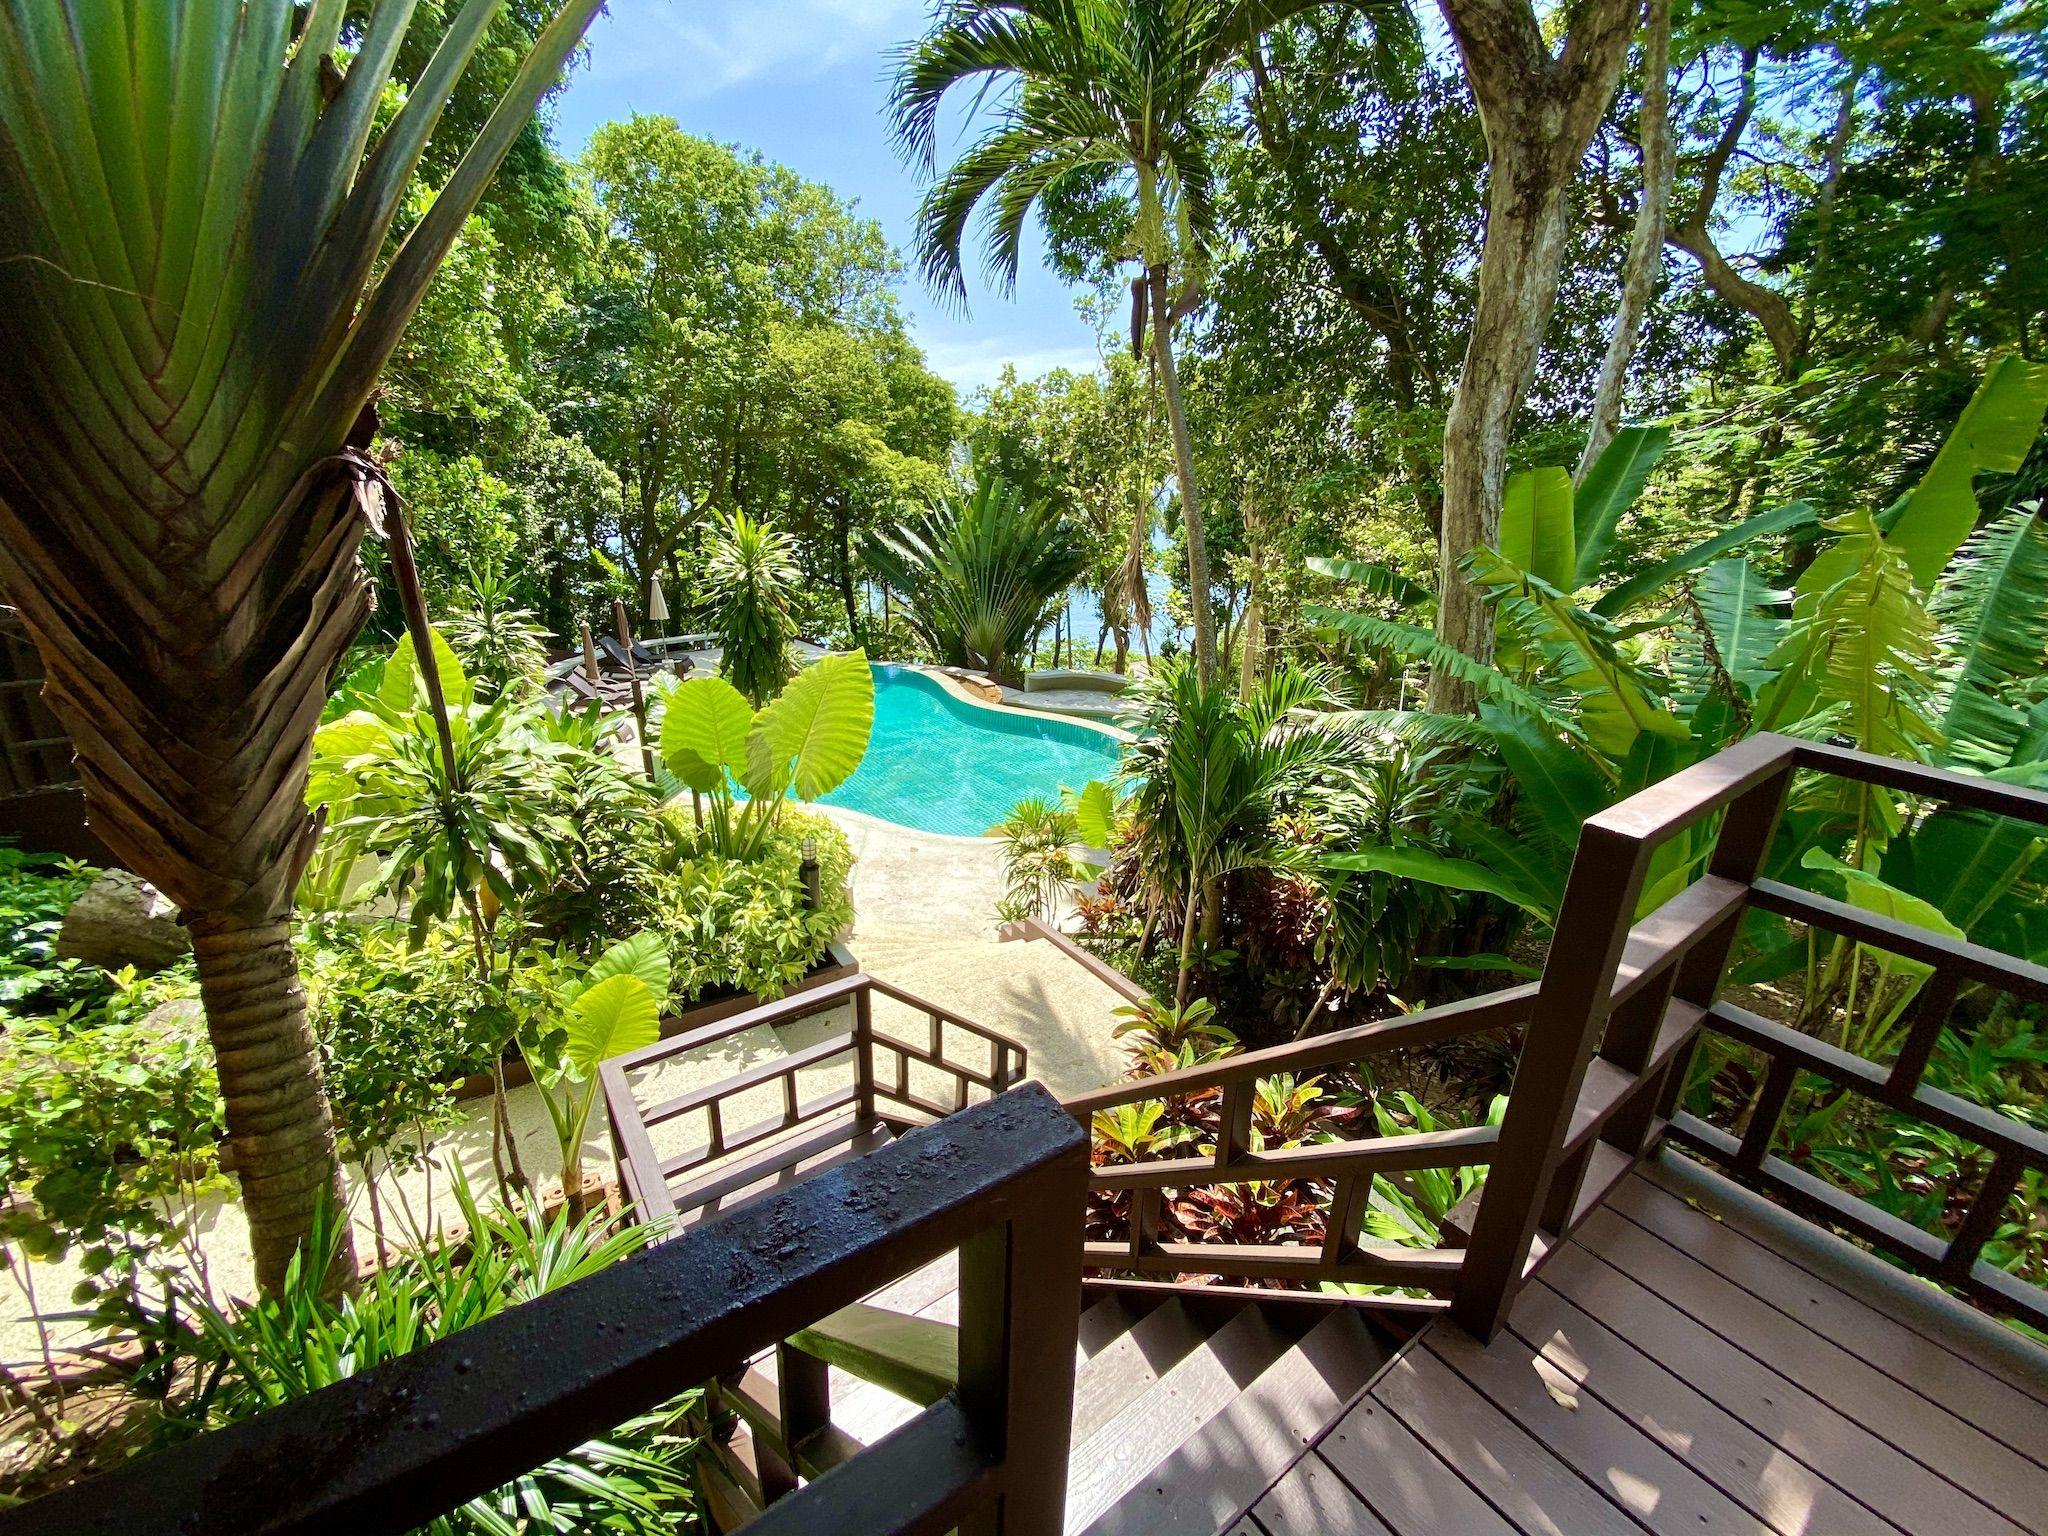 Baan Krating Phuket Resort: Wir stellen Euch unsere Erfahrungen mit dem letzten authentischen Bungalow-Resort auf Phuket vor. Foto: Sascha Tegtmeyer